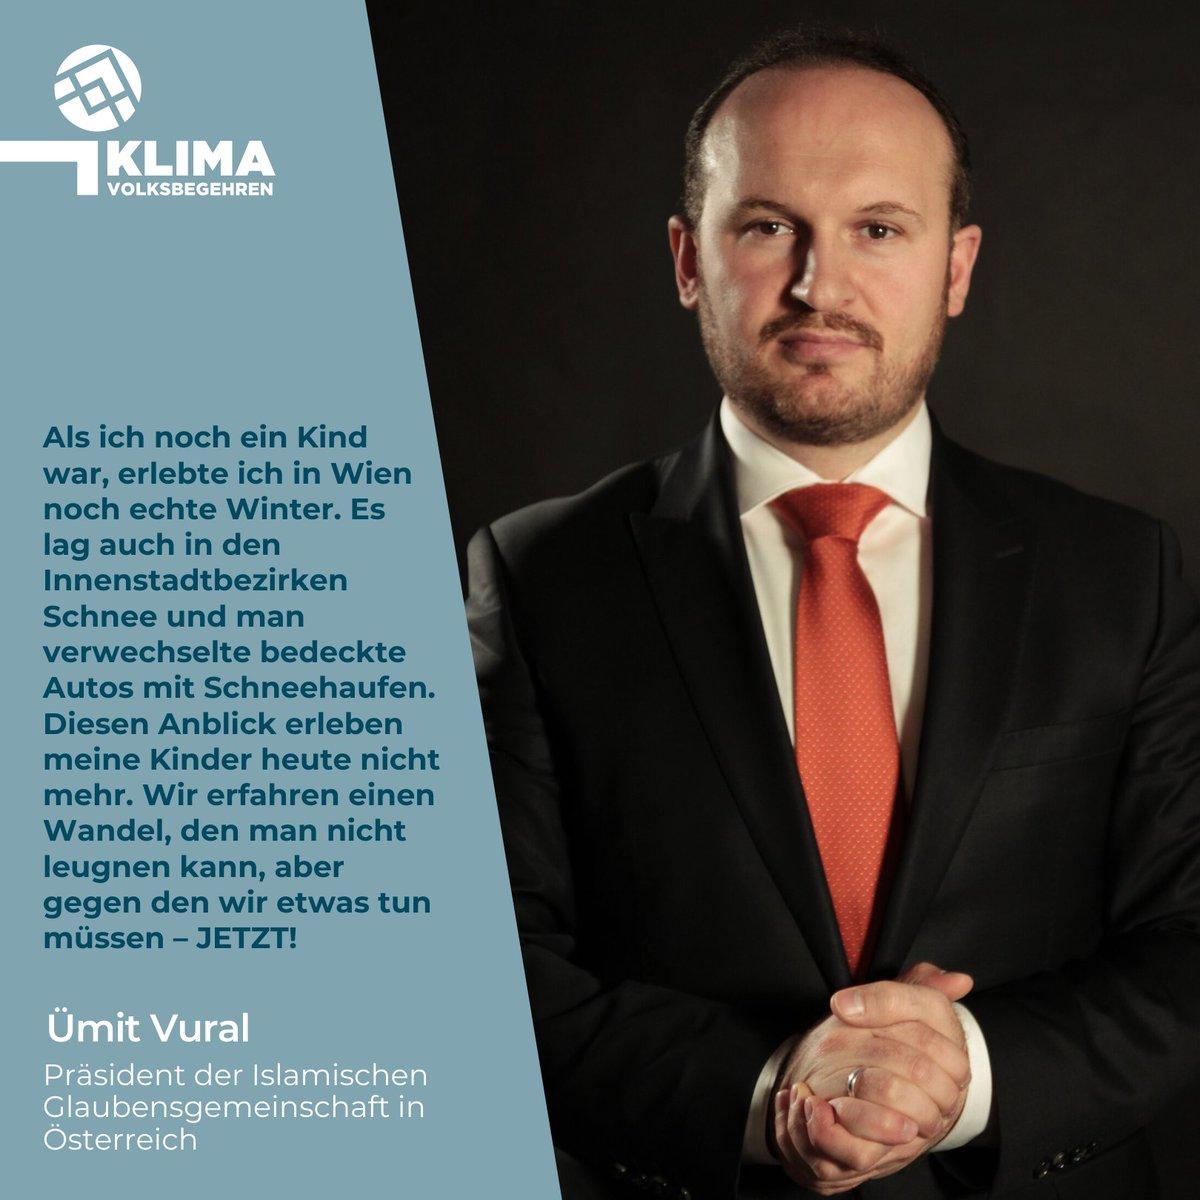 Die Islamische Glaubensgemeinschaft Österreich (@IGGiOE) unterstützt das Klimavolksbegehren    Unterstütze uns jetzt auch du mit deiner Unterschrift, dies ist noch bis 3.3.2020 auf möglich!  #klimavolksbegehren #machtsendlich #umsetzungjetztpic.twitter.com/ifU88L8rez